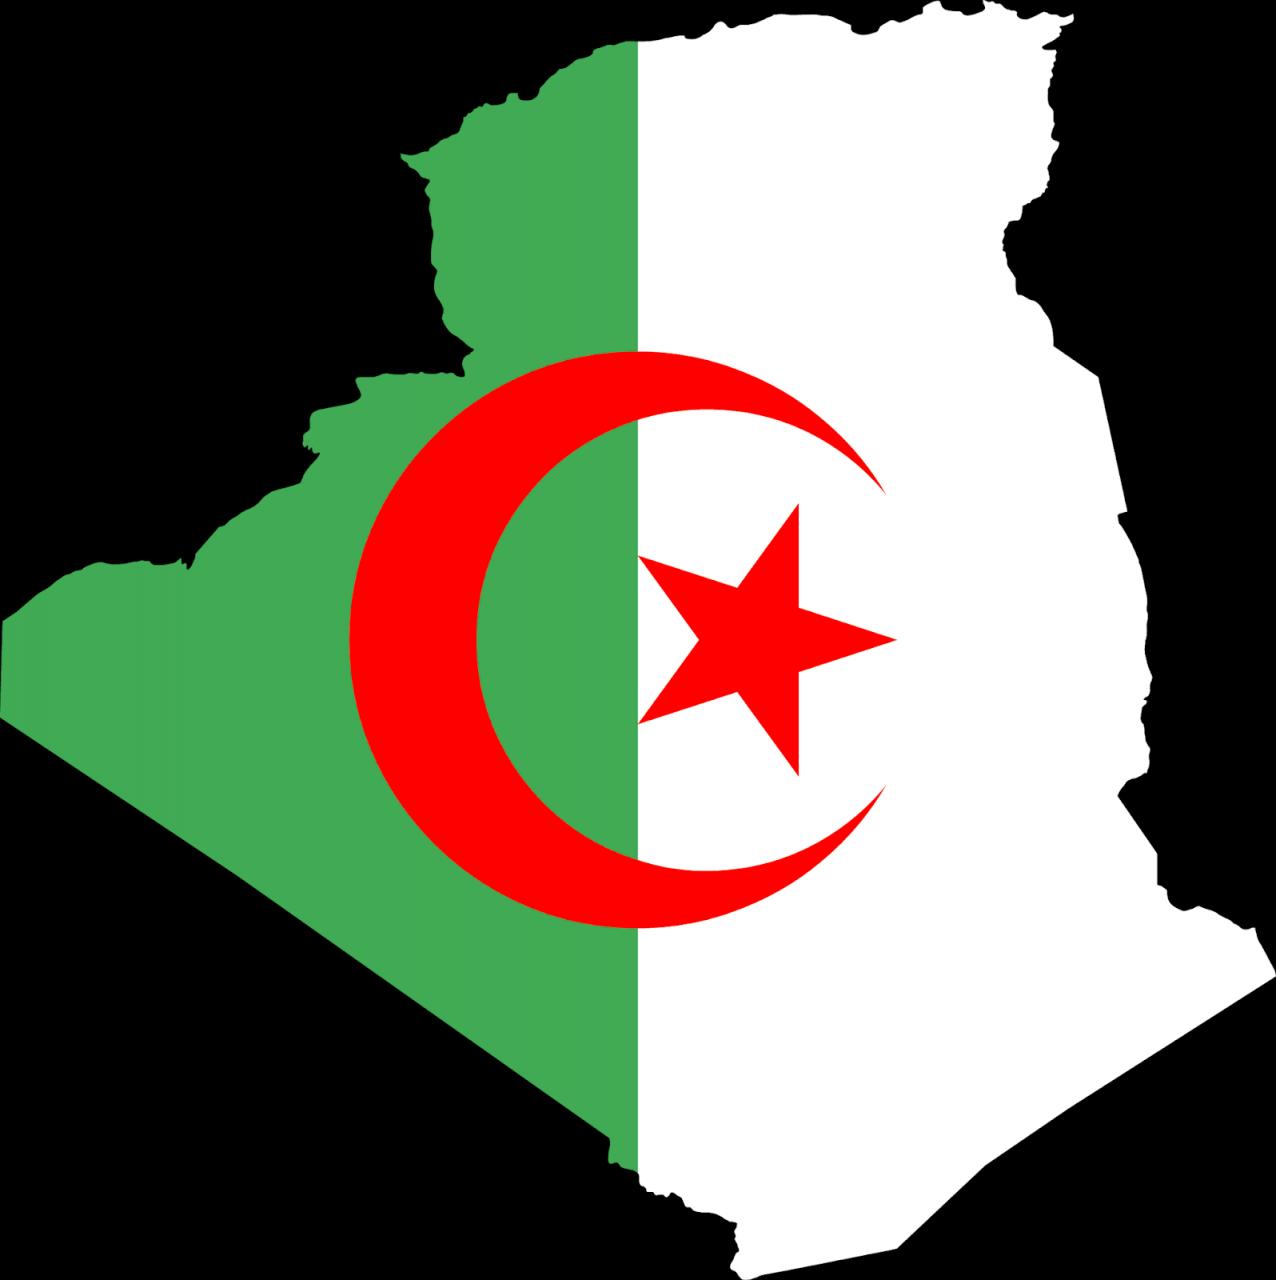 خريطة الجزائر فيها النشيد الوطني